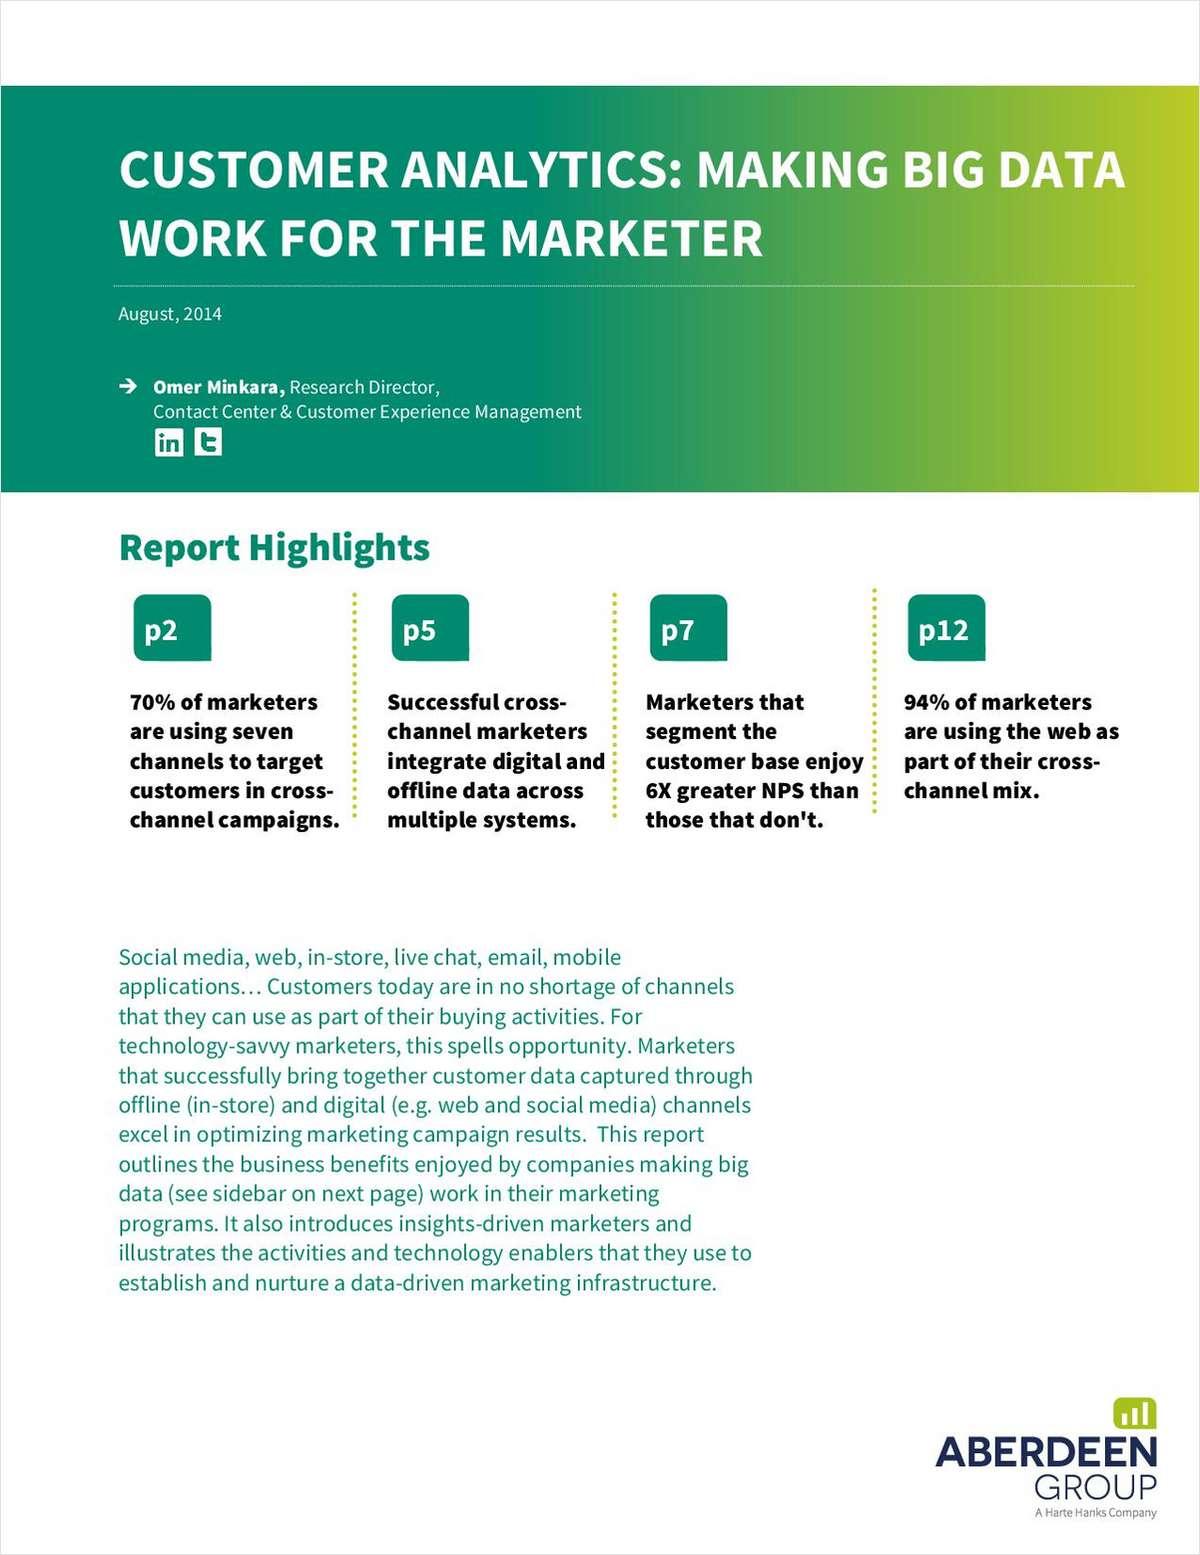 Customer Analytics: Making Big Data Work for the Marketer